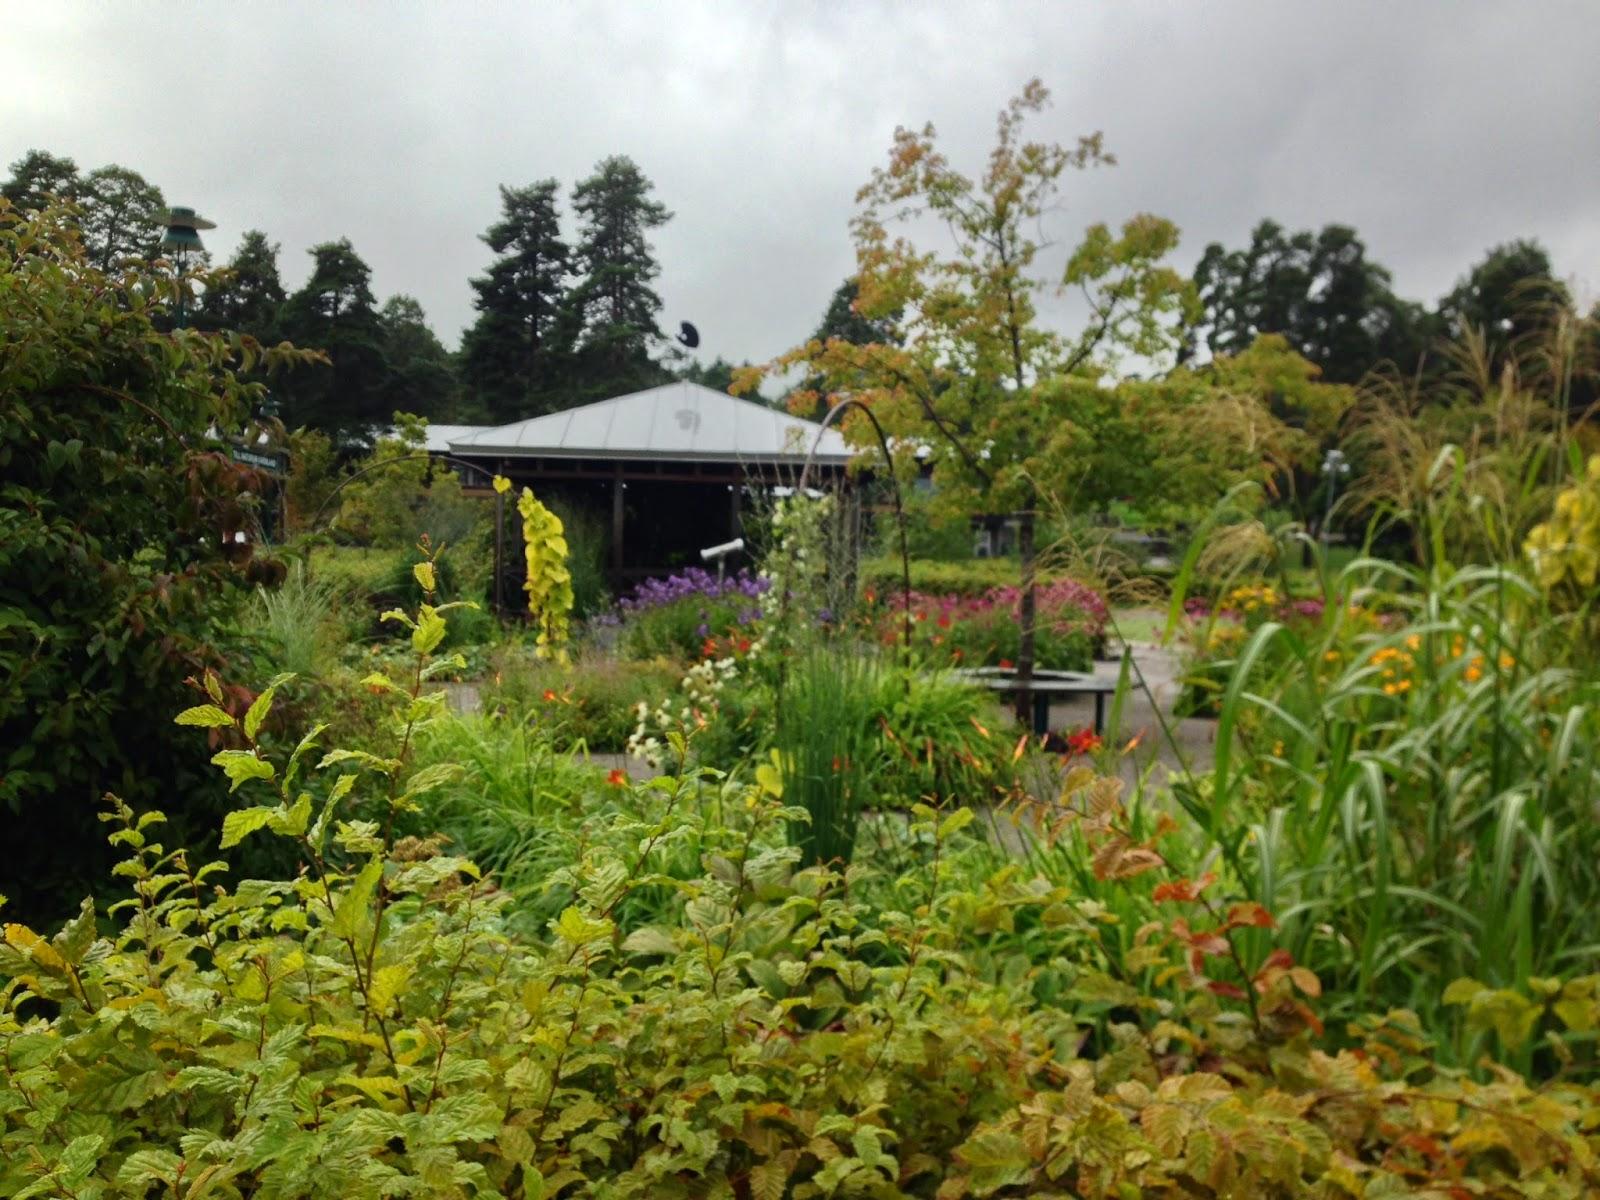 Mariebergsskogen sensory garden